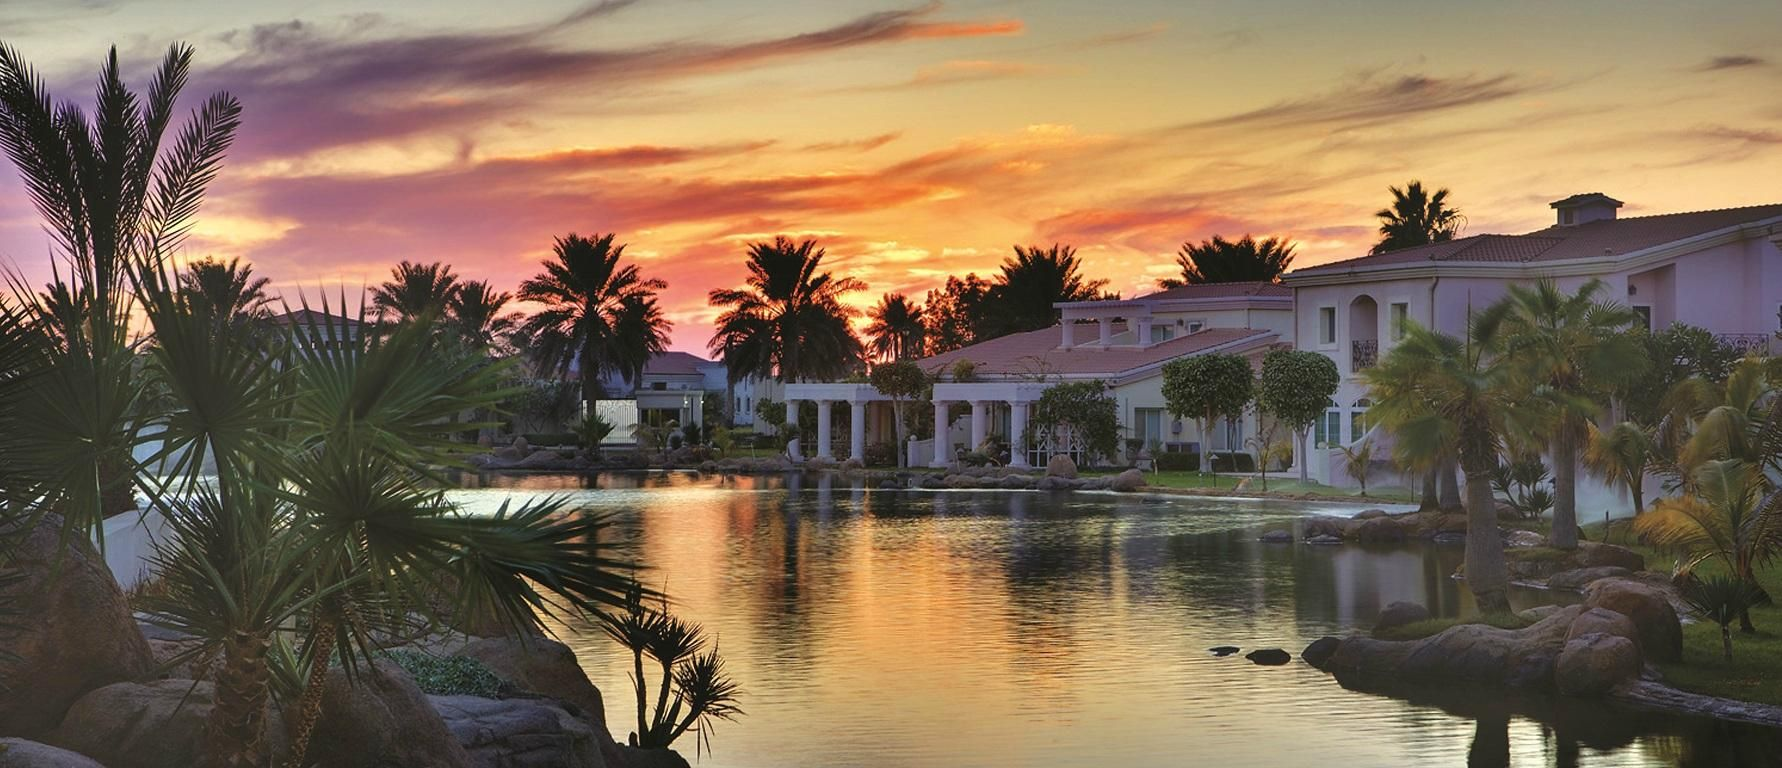 تعليقات حول فندق Sunset Beach Resort Marina Spa الخبر المملكة العربية السعودية منتجع Tripadvisor Sunset Beach Resort Beach Resorts Resort